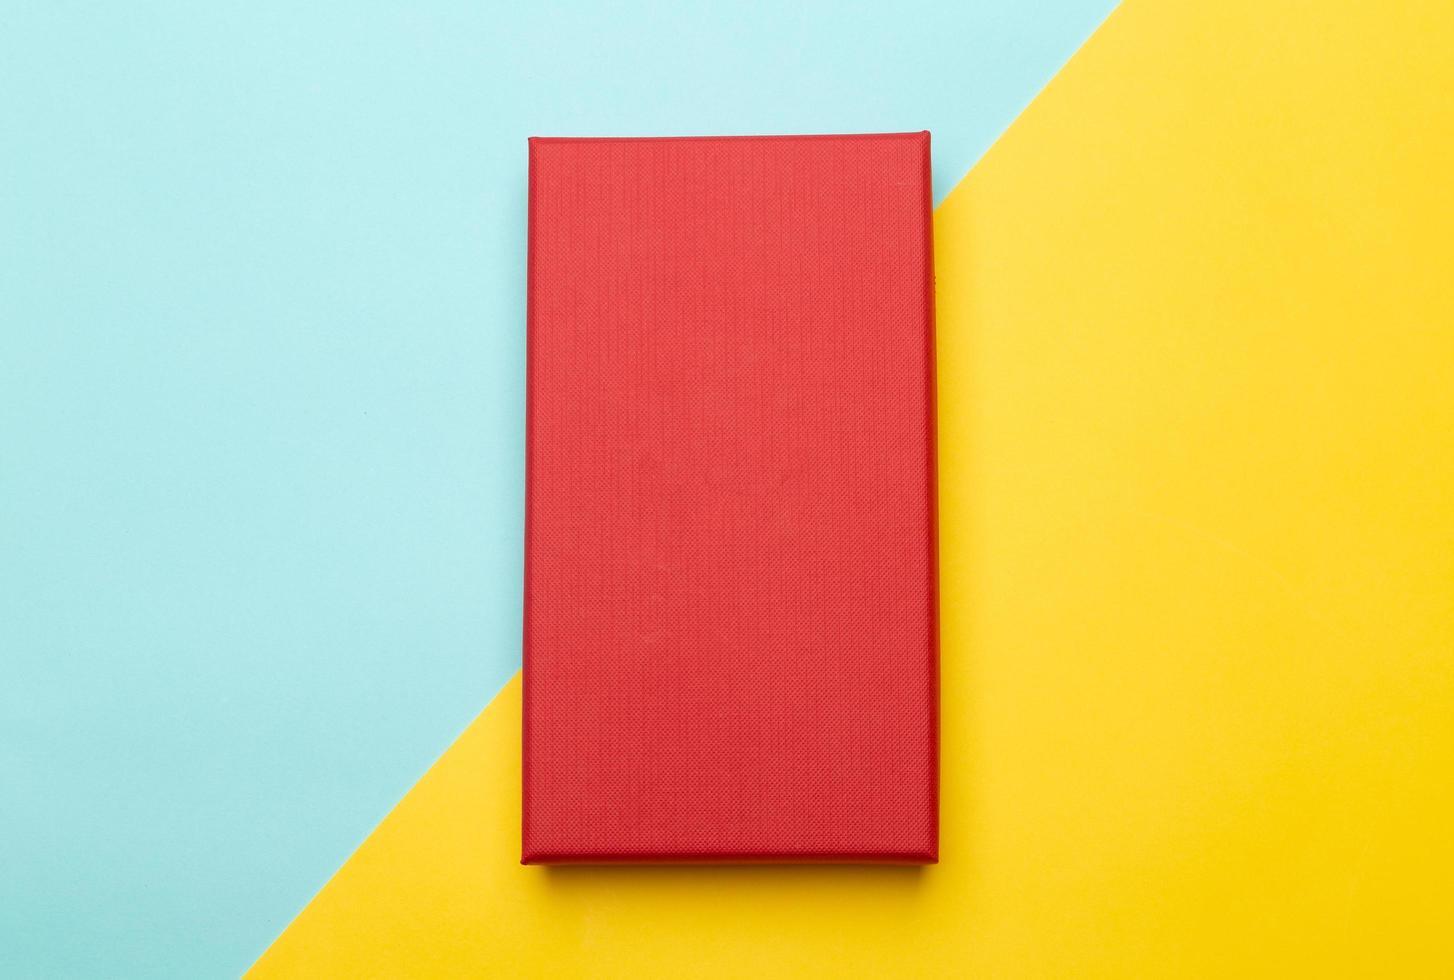 scatola rossa su sfondo giallo e blu foto